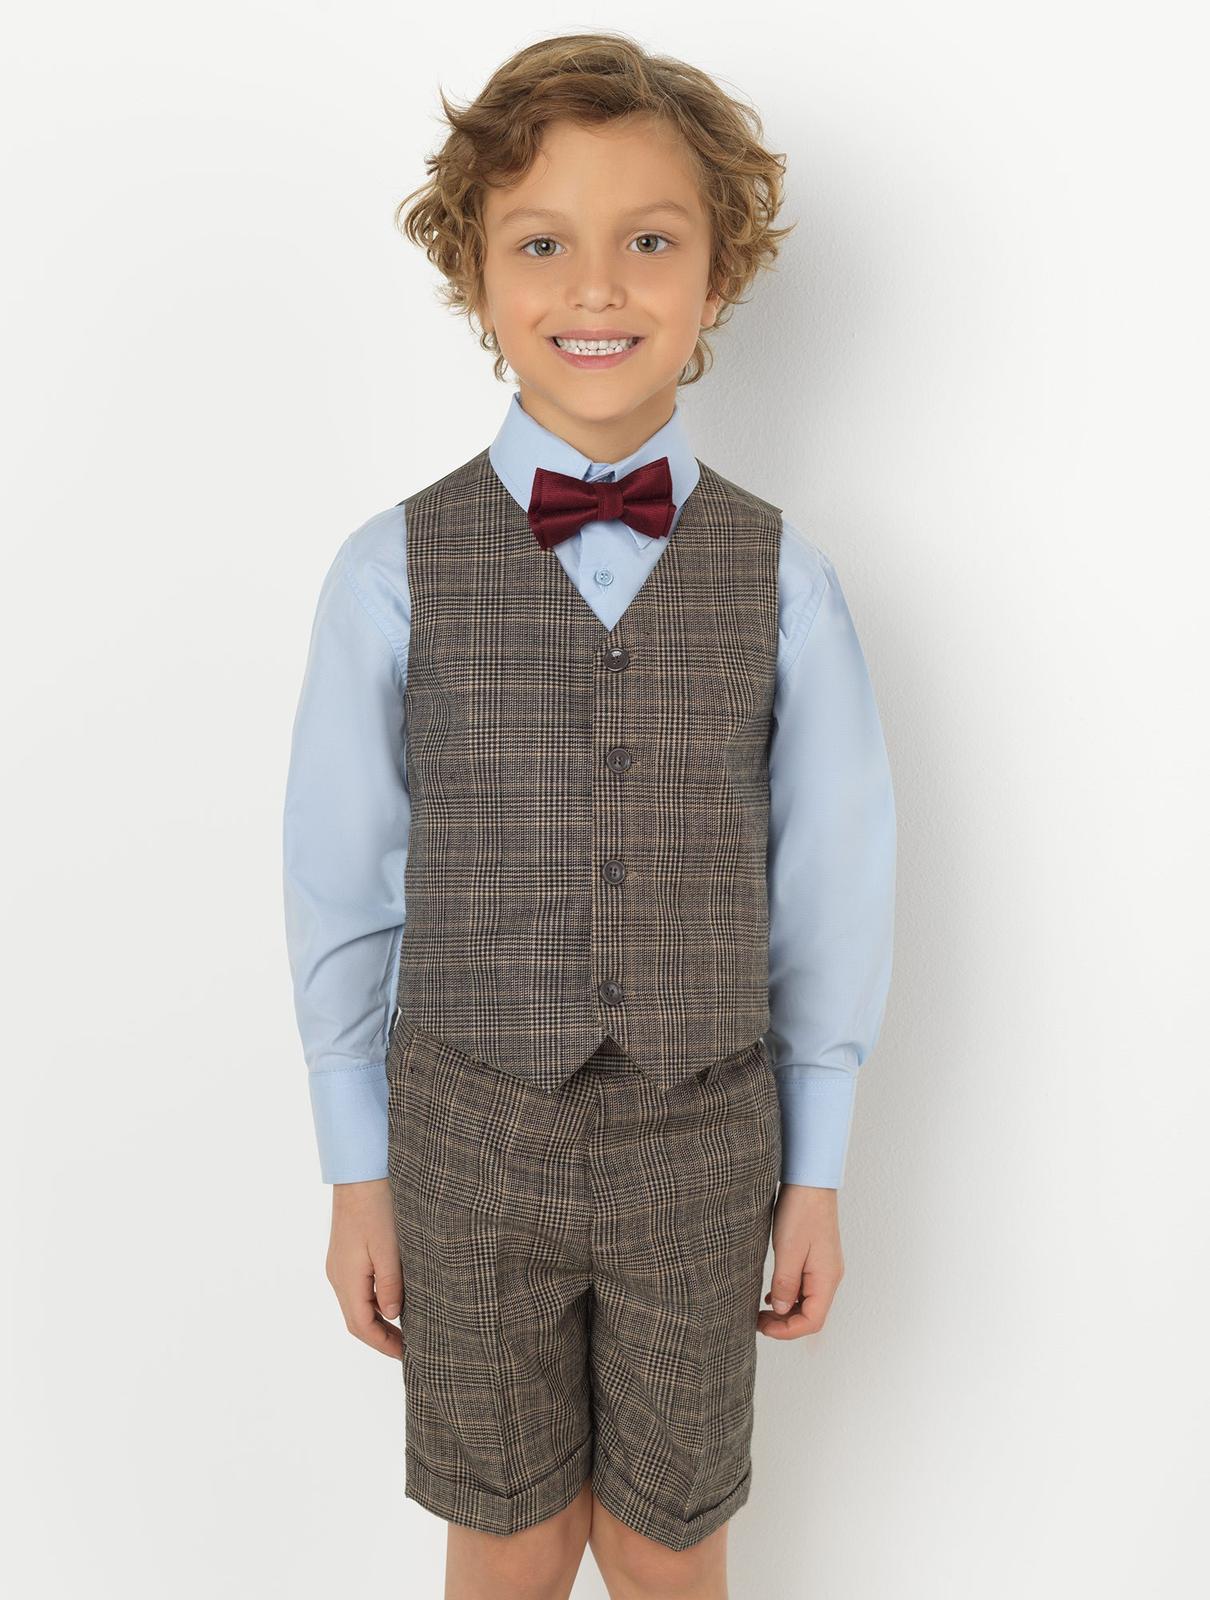 NOVINKA - letní oblek k prodeji nebo k půjčení - Obrázek č. 4